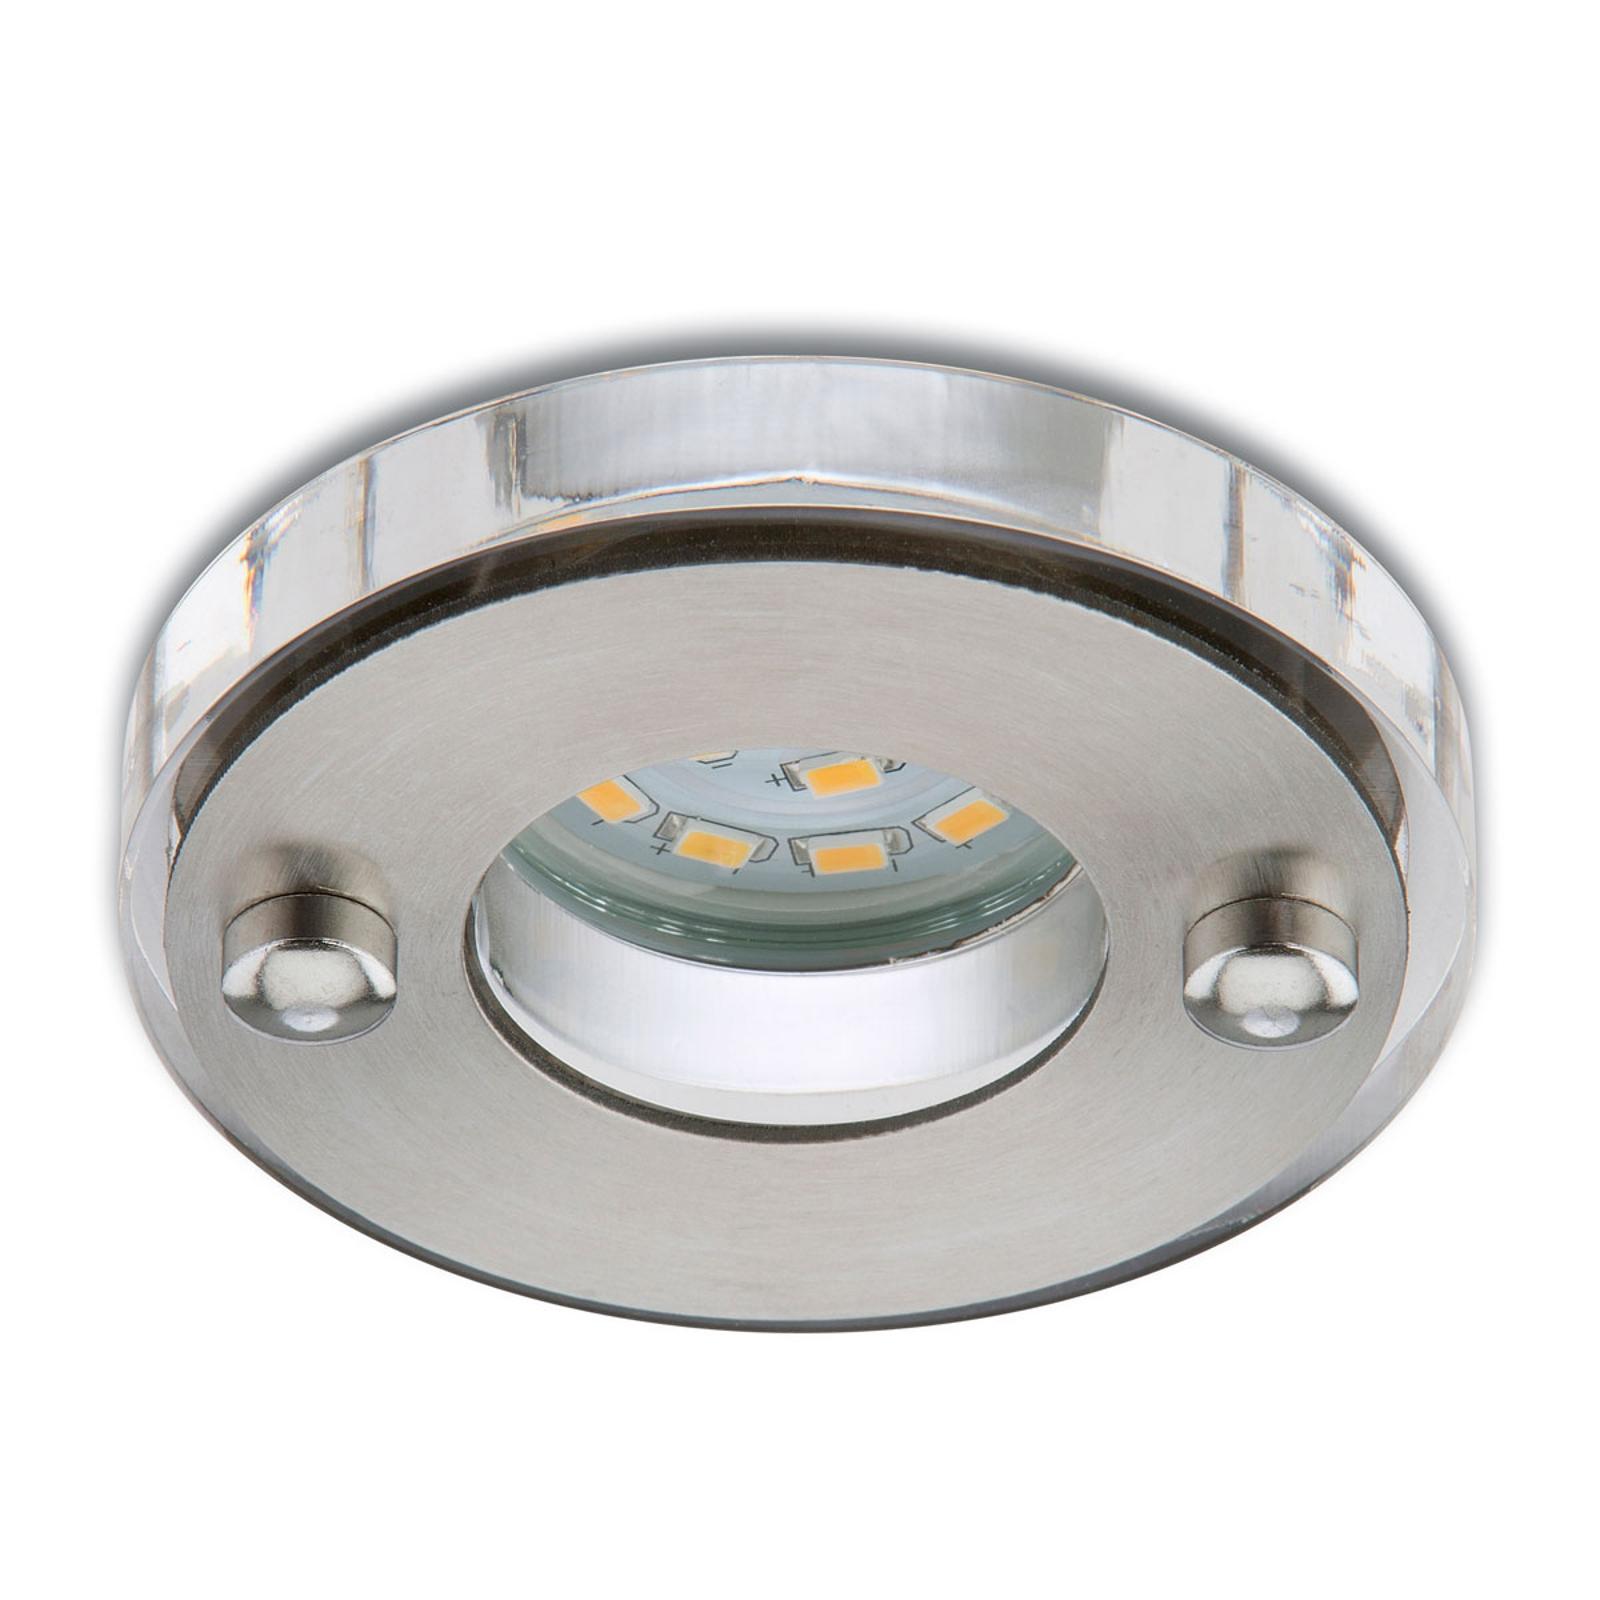 Matné niklové LED podhledové svítidlo Nikas IP23